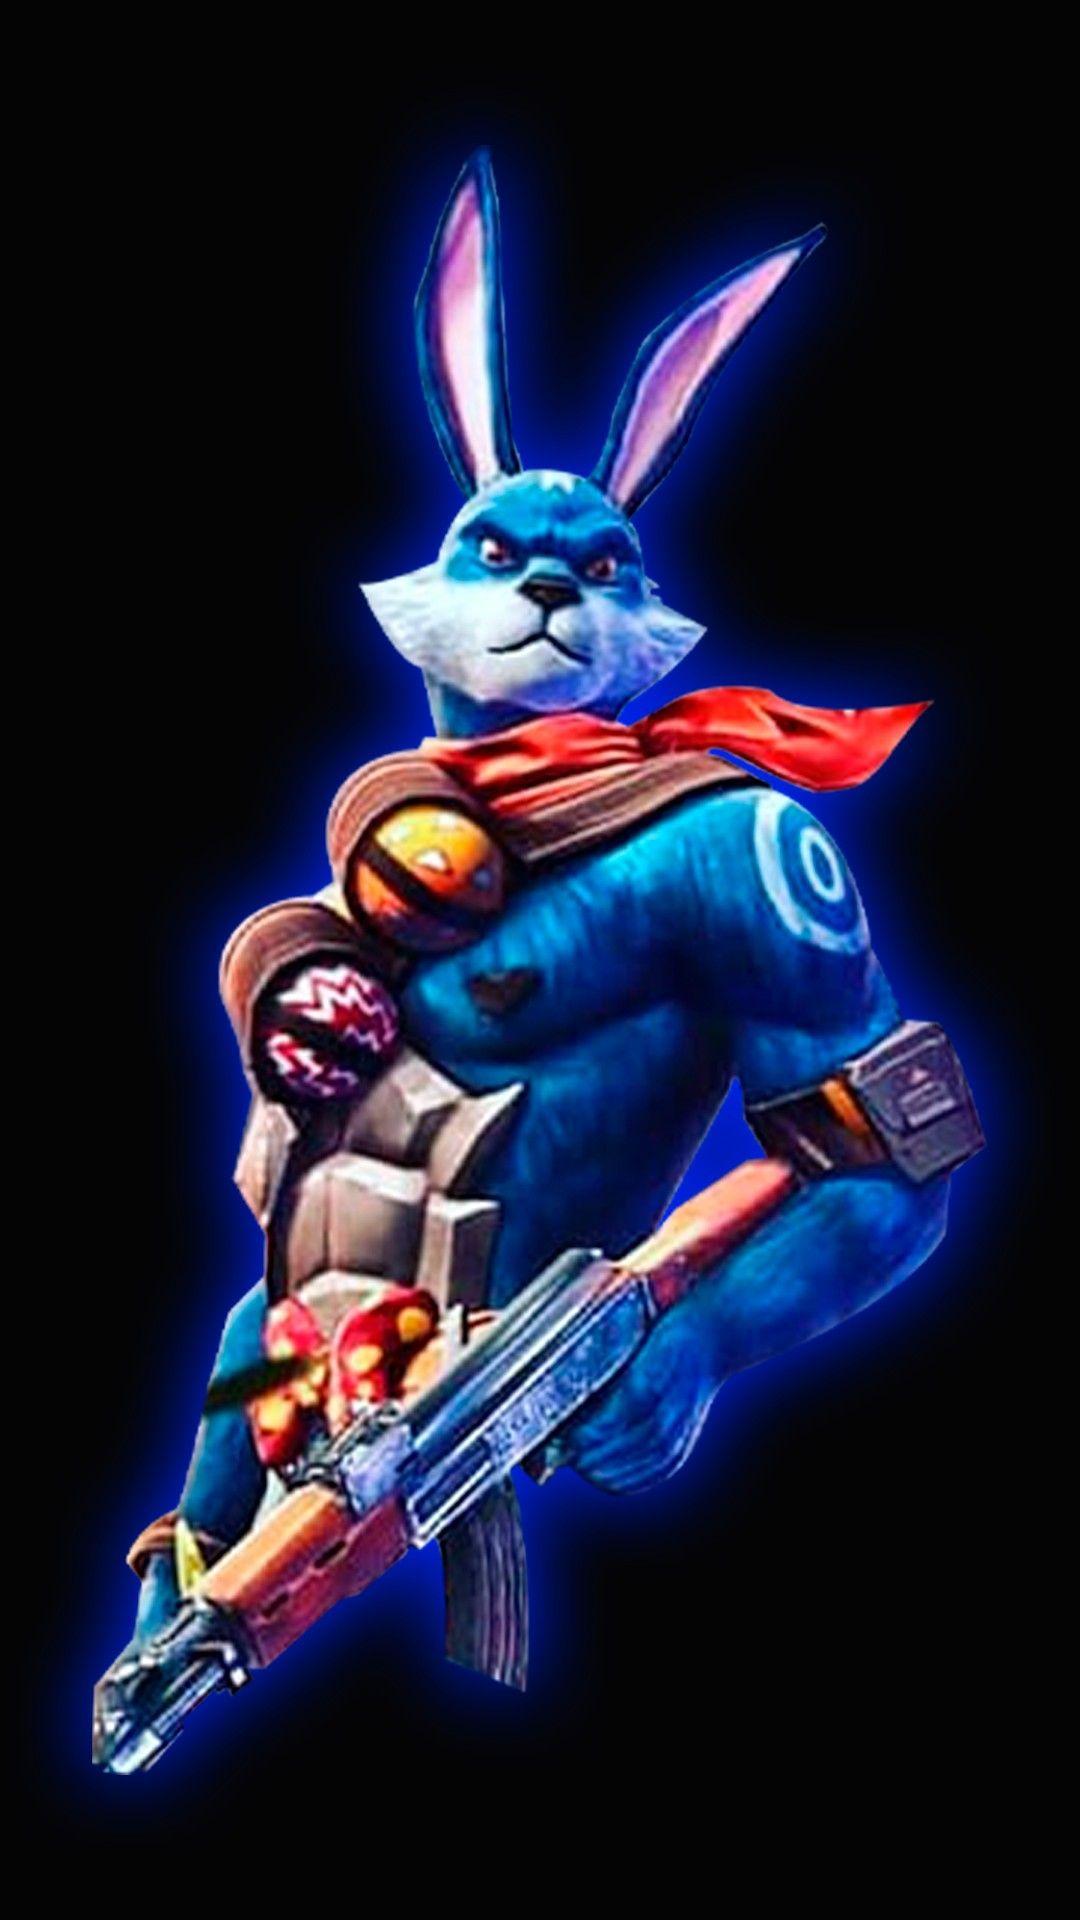 Esta es la nueva skin de conejo guerrero de free Fire | free